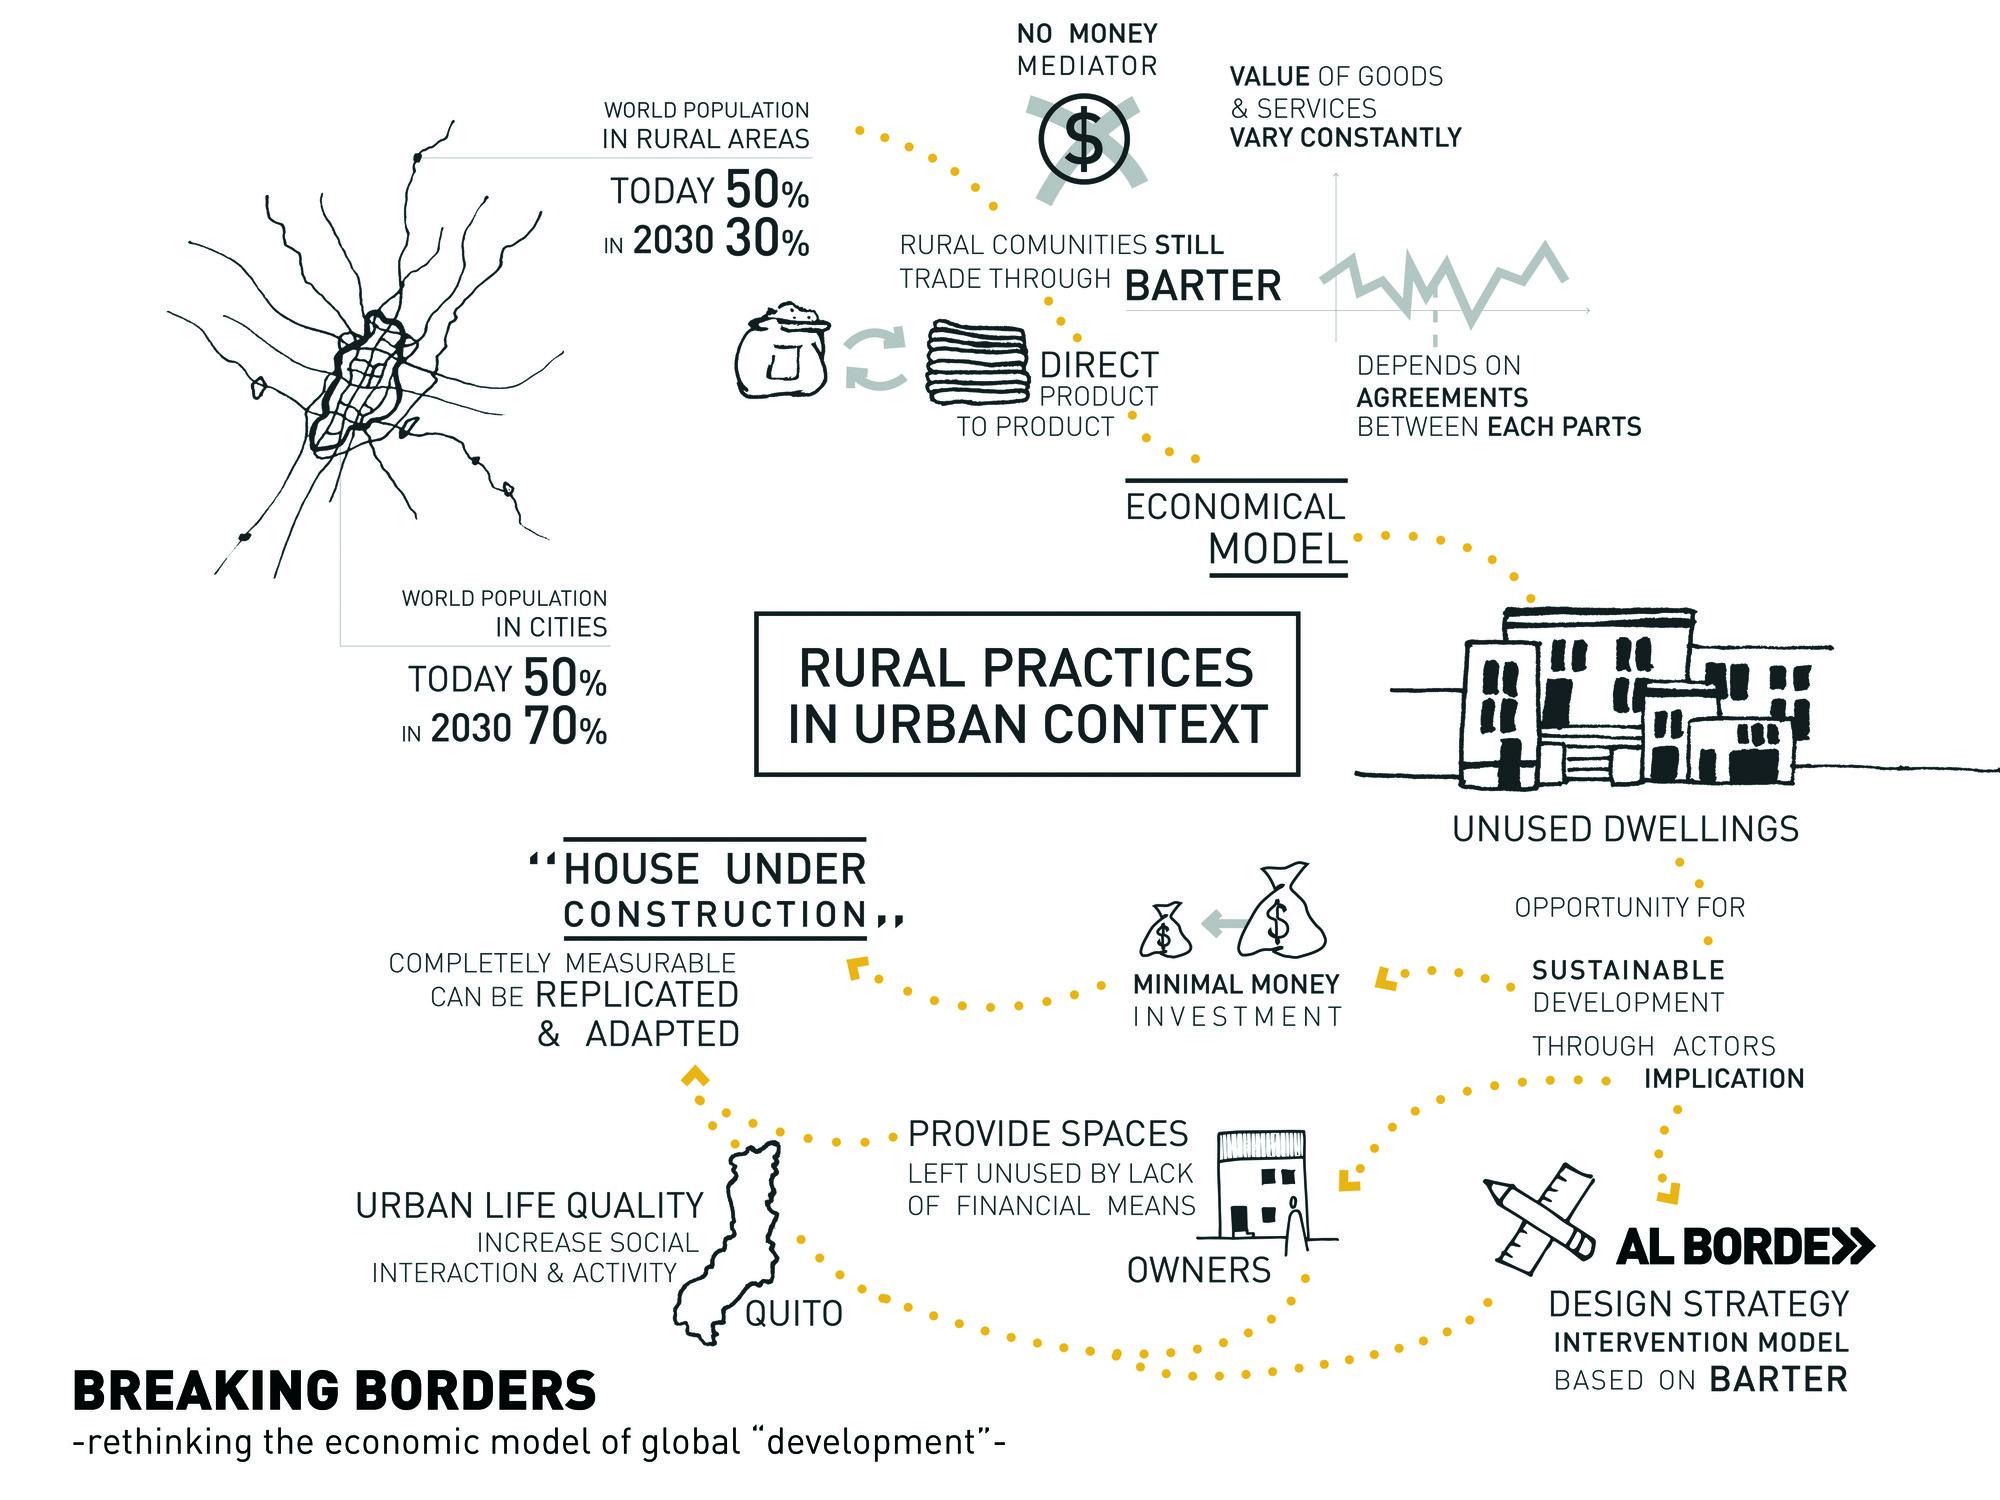 Acknowledgement: Under Construction / Al Borde. Image Cortesia de Fundación Holcim